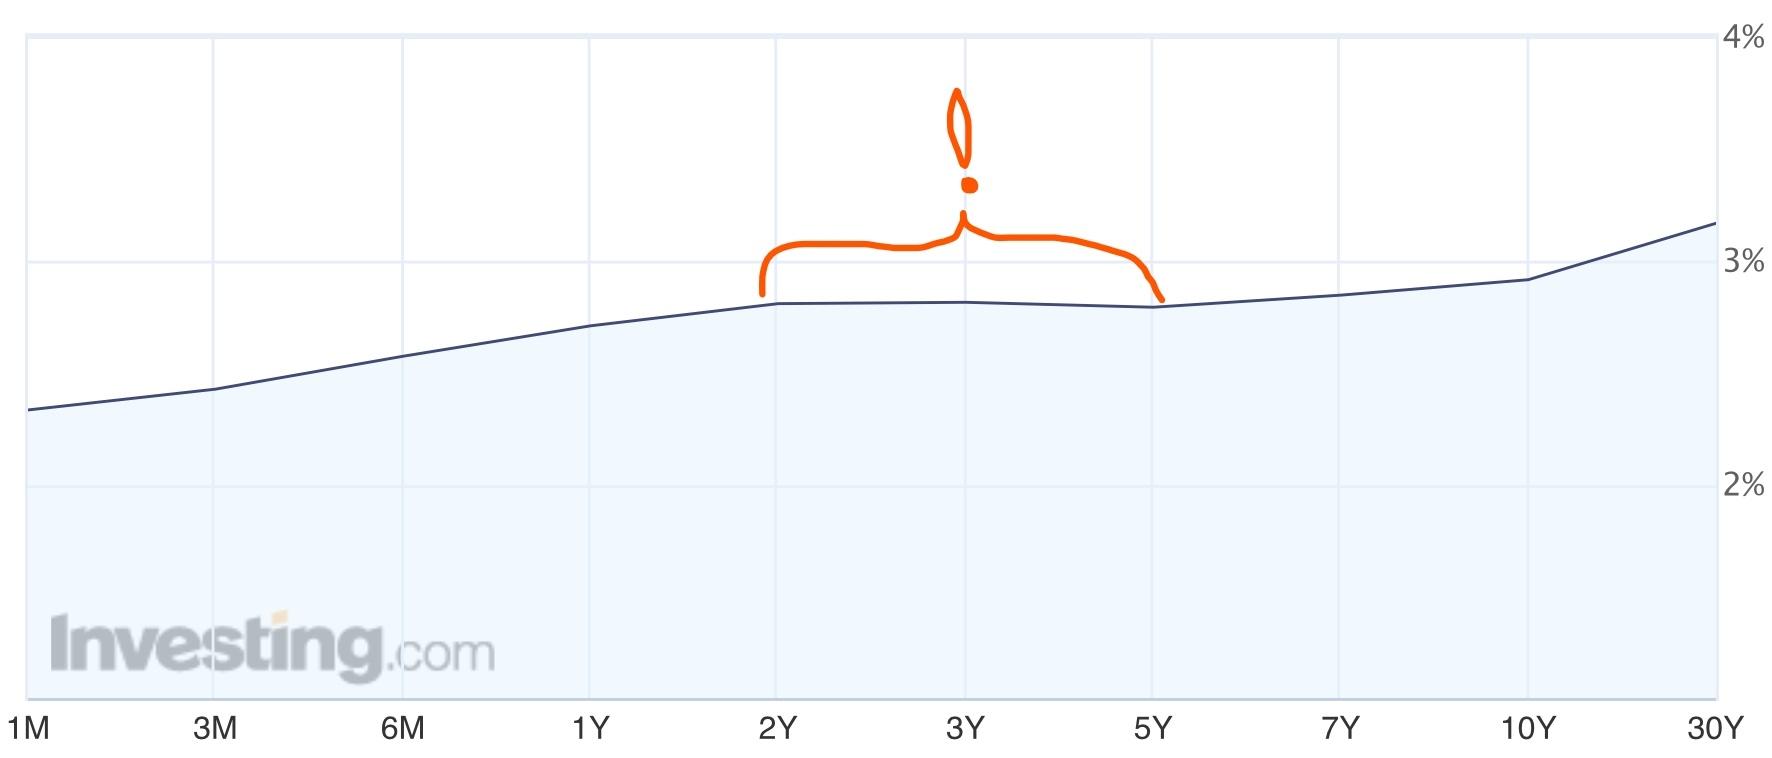 Кривая доходности облигаций США